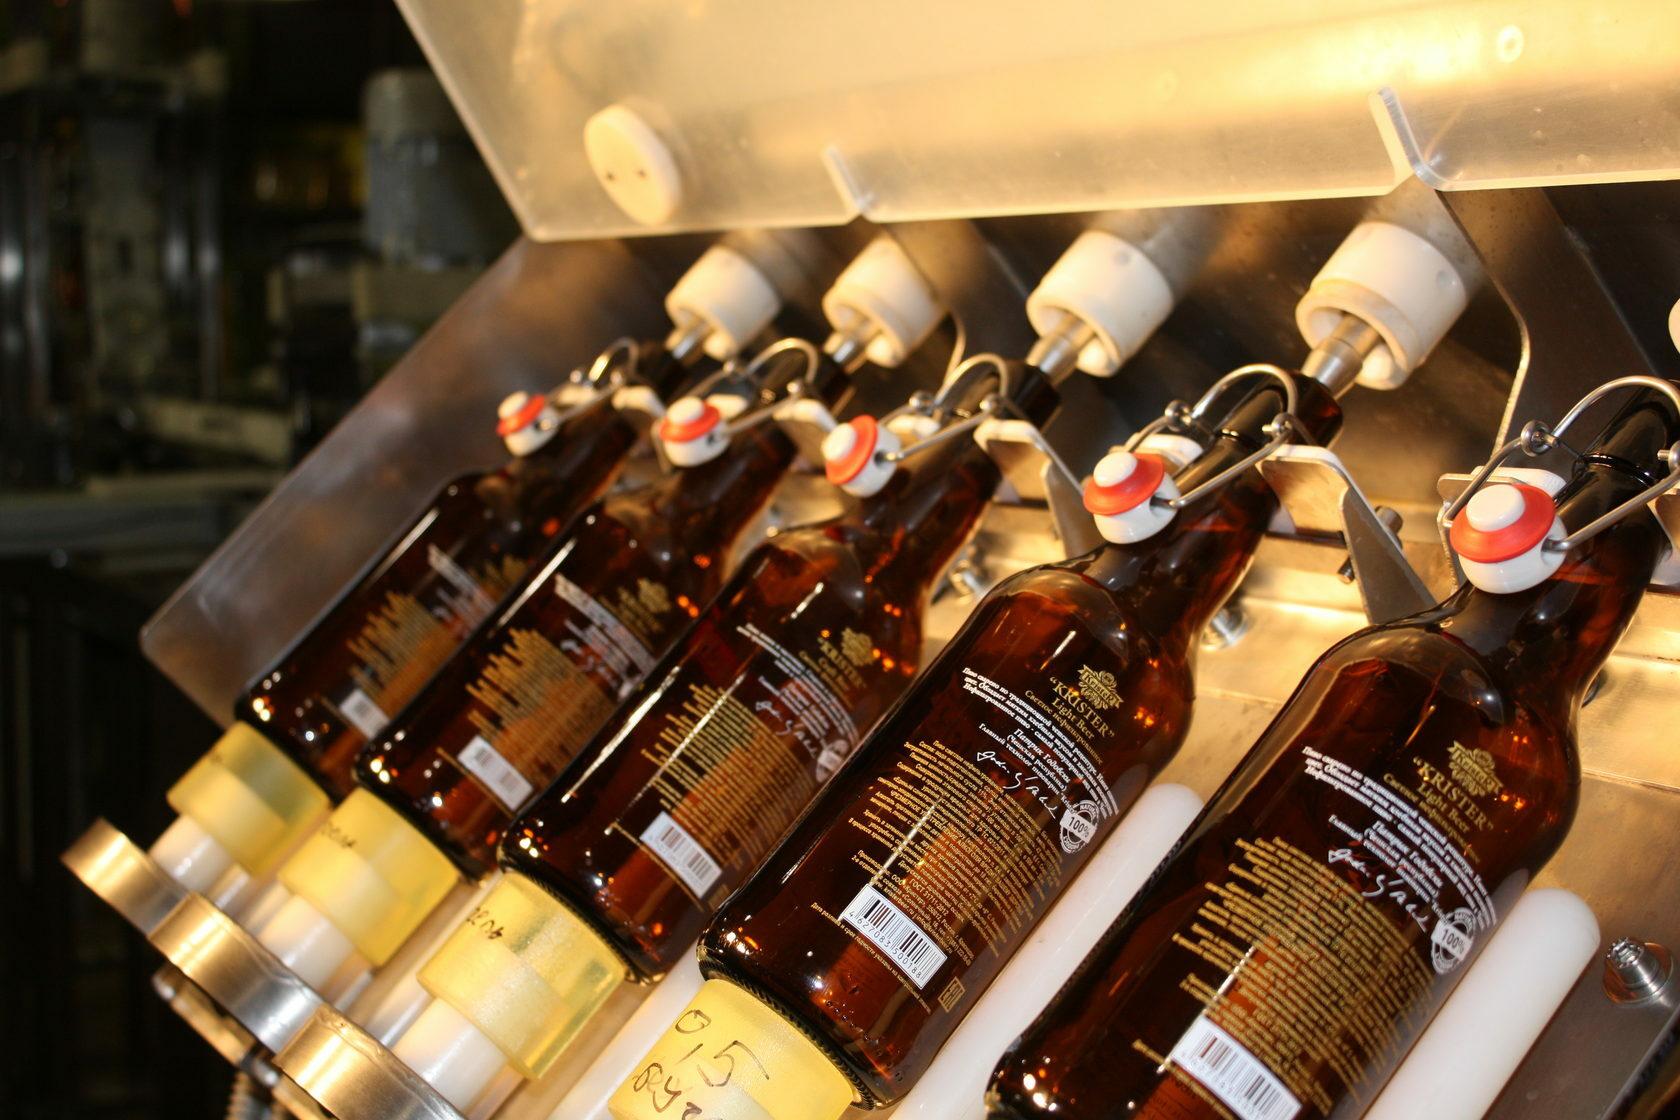 Розлив в бугельные бутылки: под каким давлением, особенности и советы